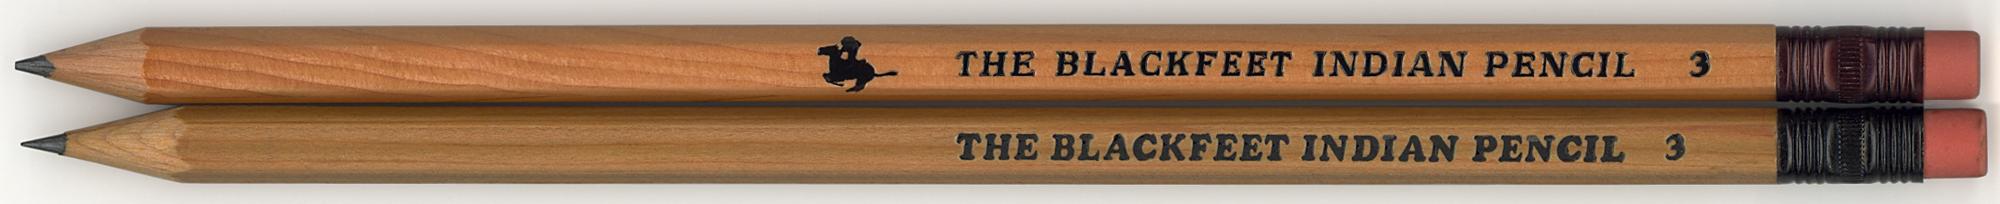 Blackfeet indian writing company inc